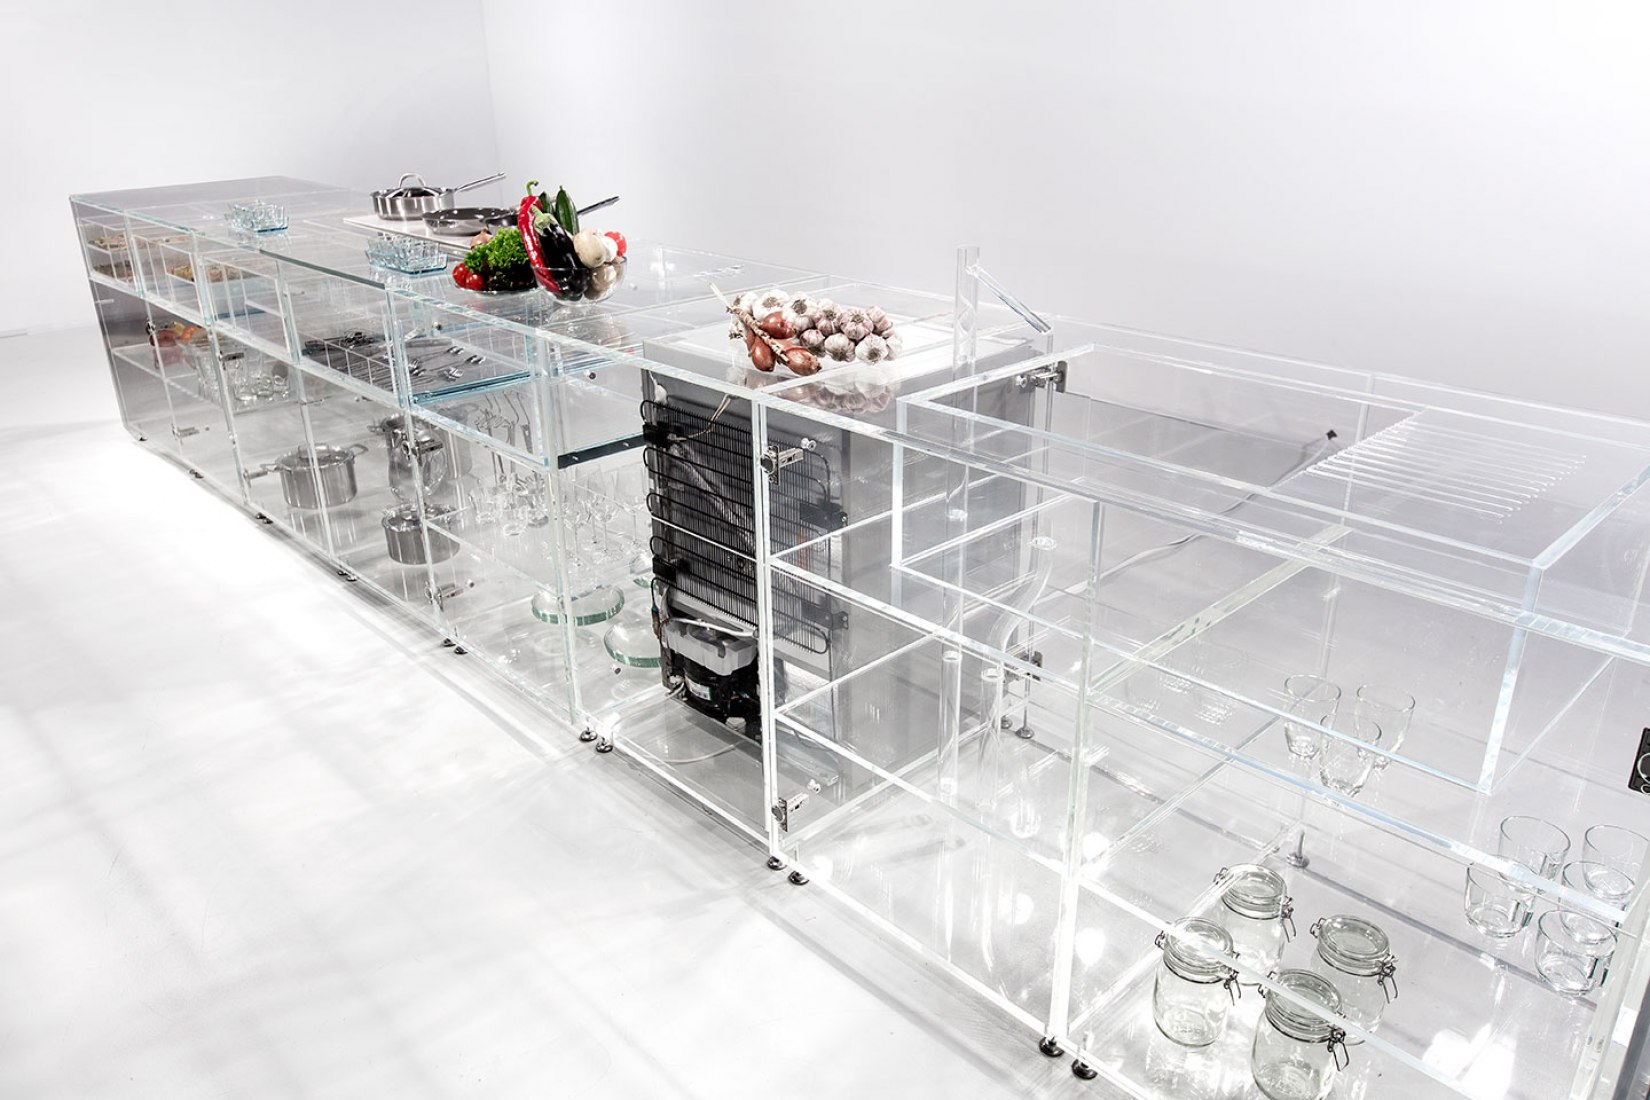 Infinity Kitchen por MVRDV. Fotografía © Martin Rijpstra. Imagen cortesía de MVRDV.